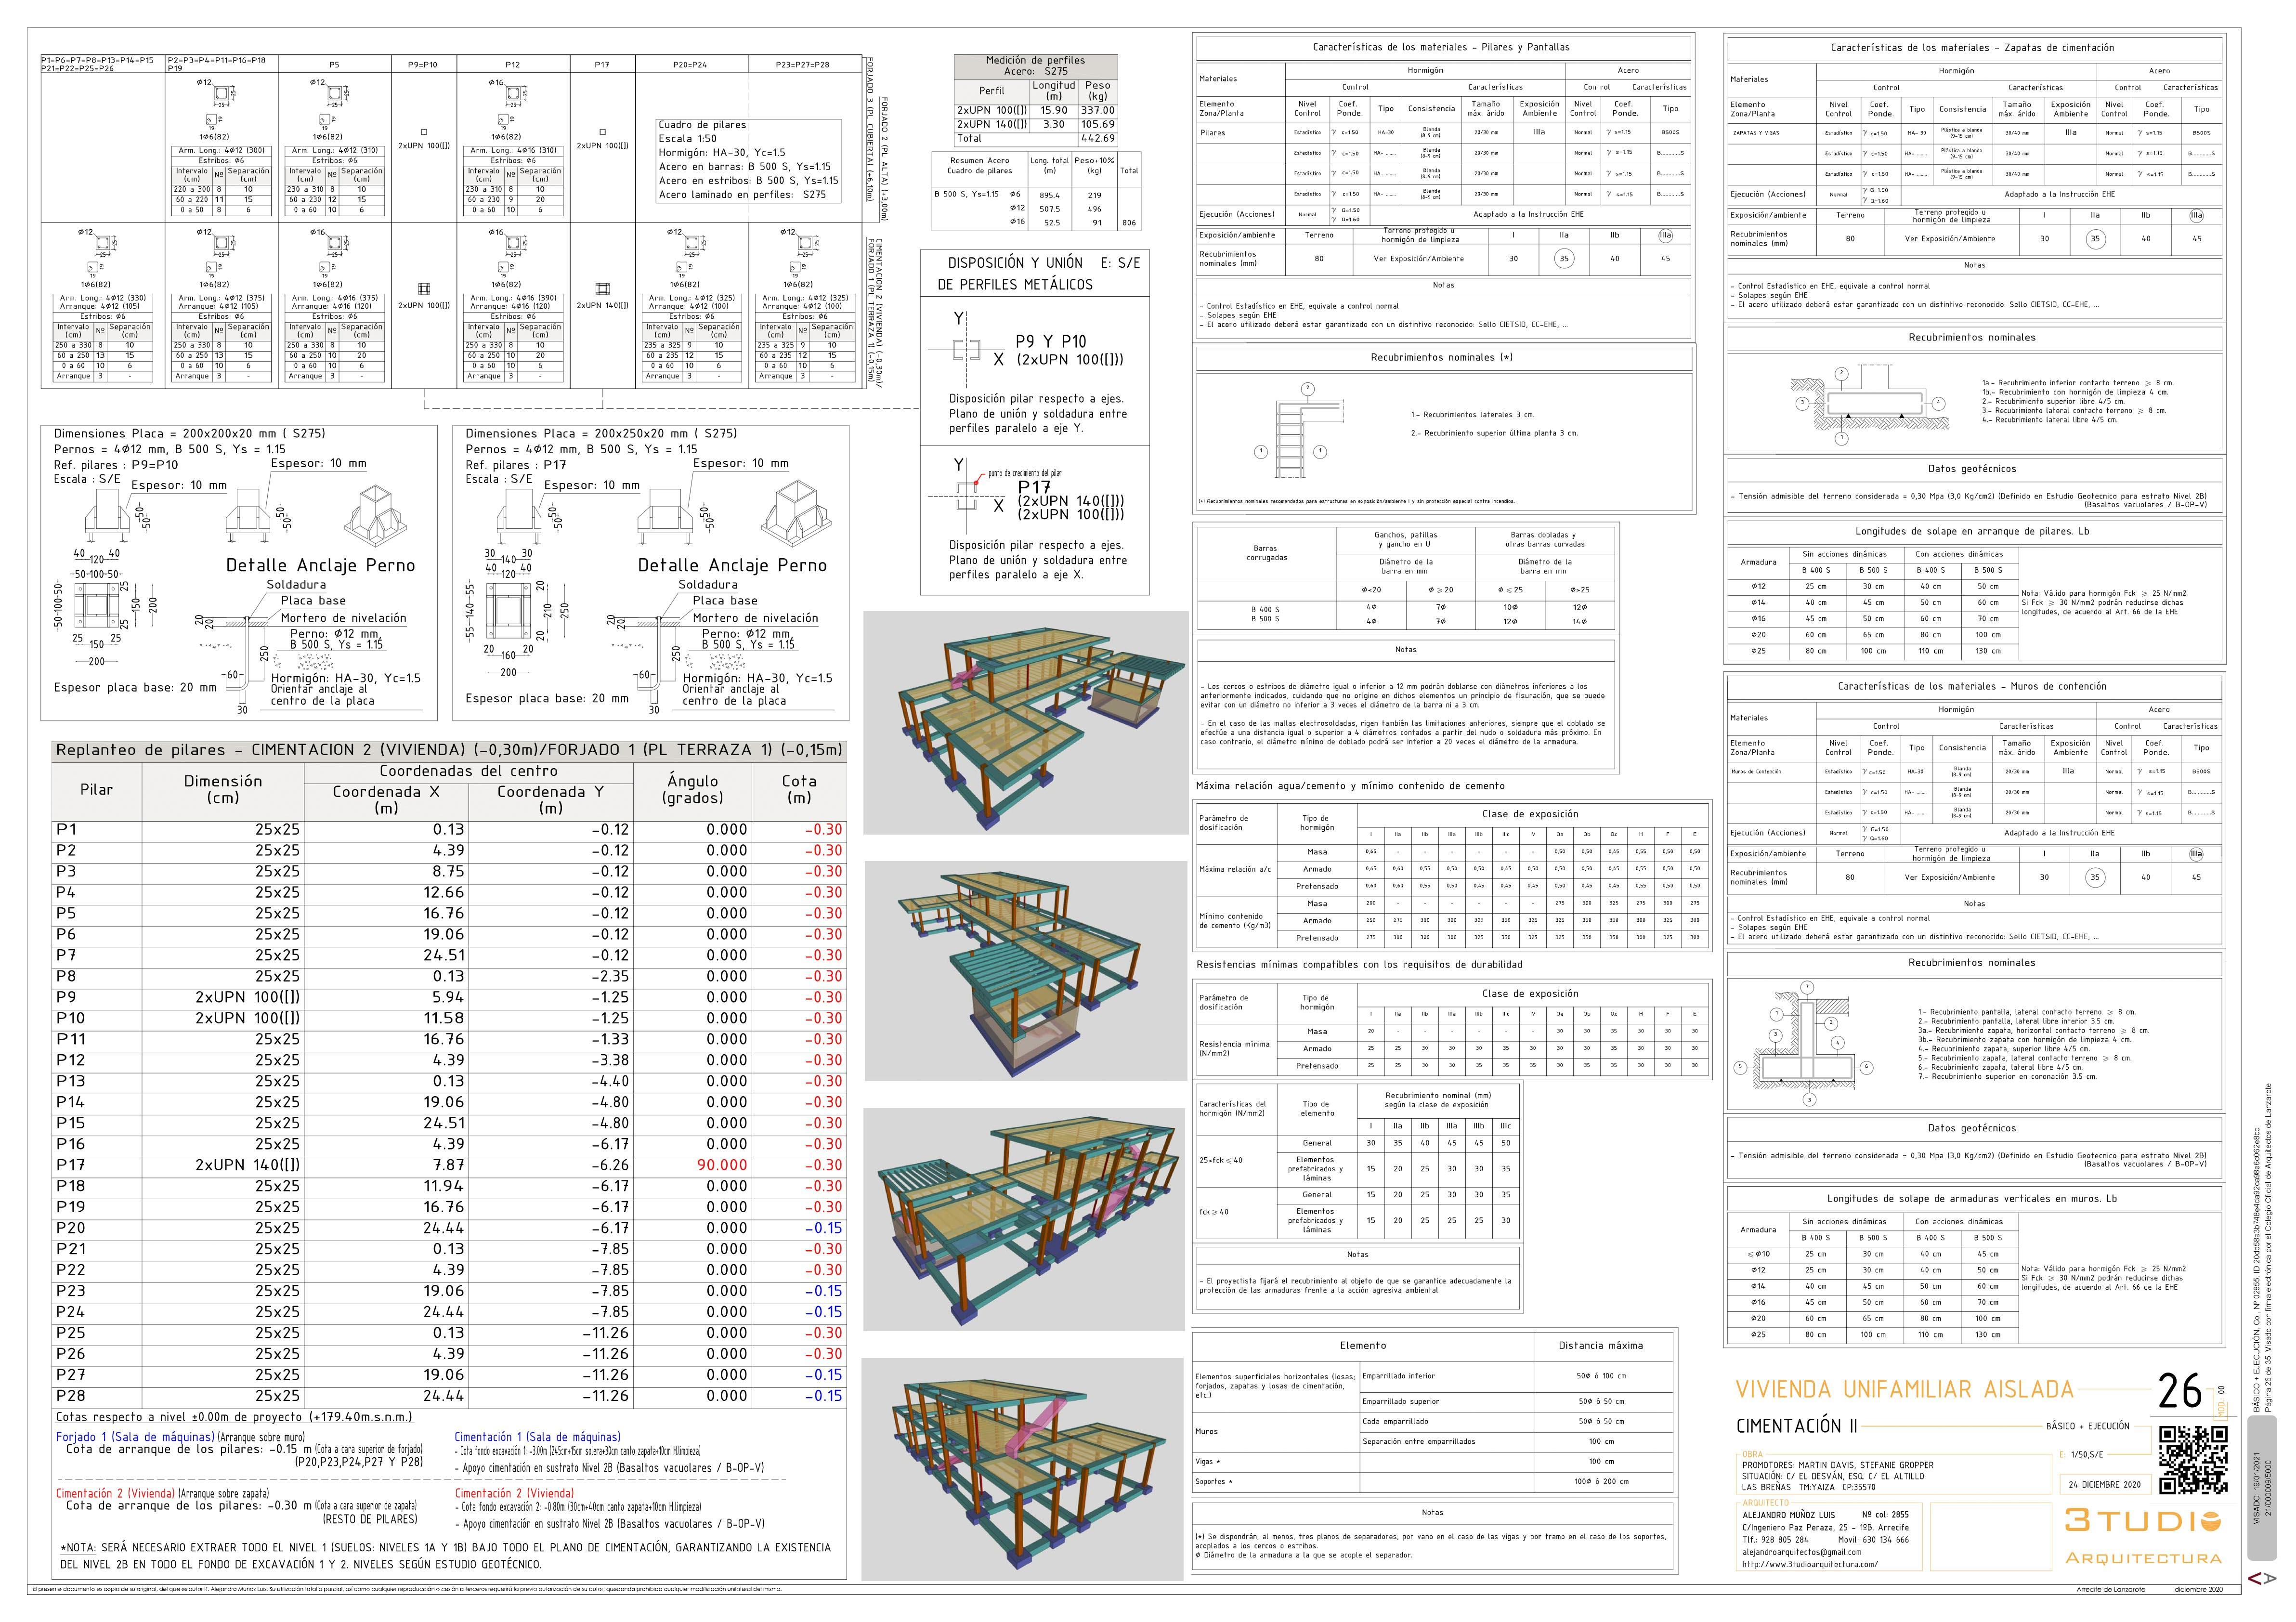 Plans AM 2101 26